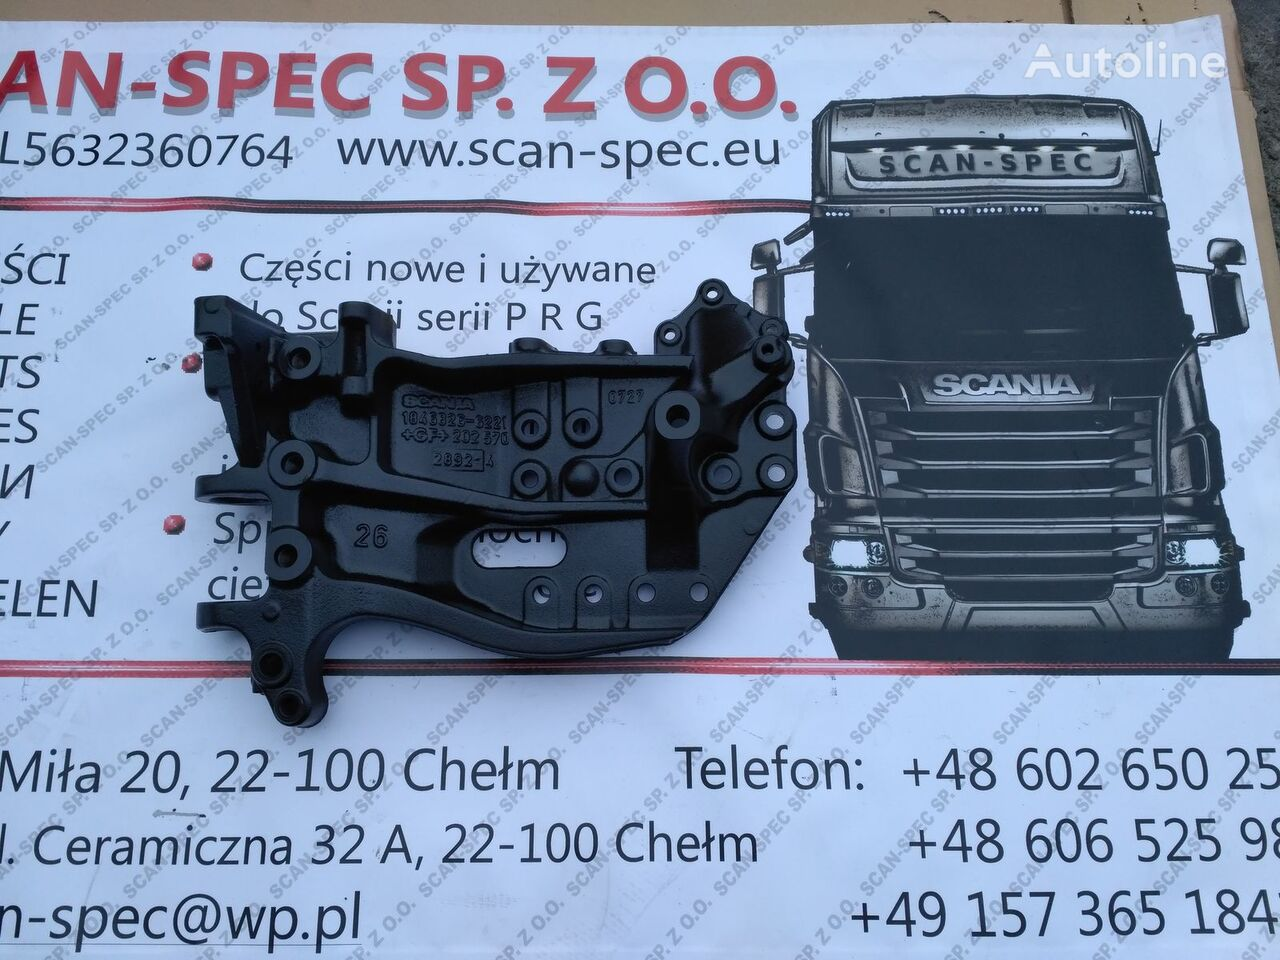 SCANIA Wspornik bazowy elementos de sujeción para SCANIA P R G T tractora